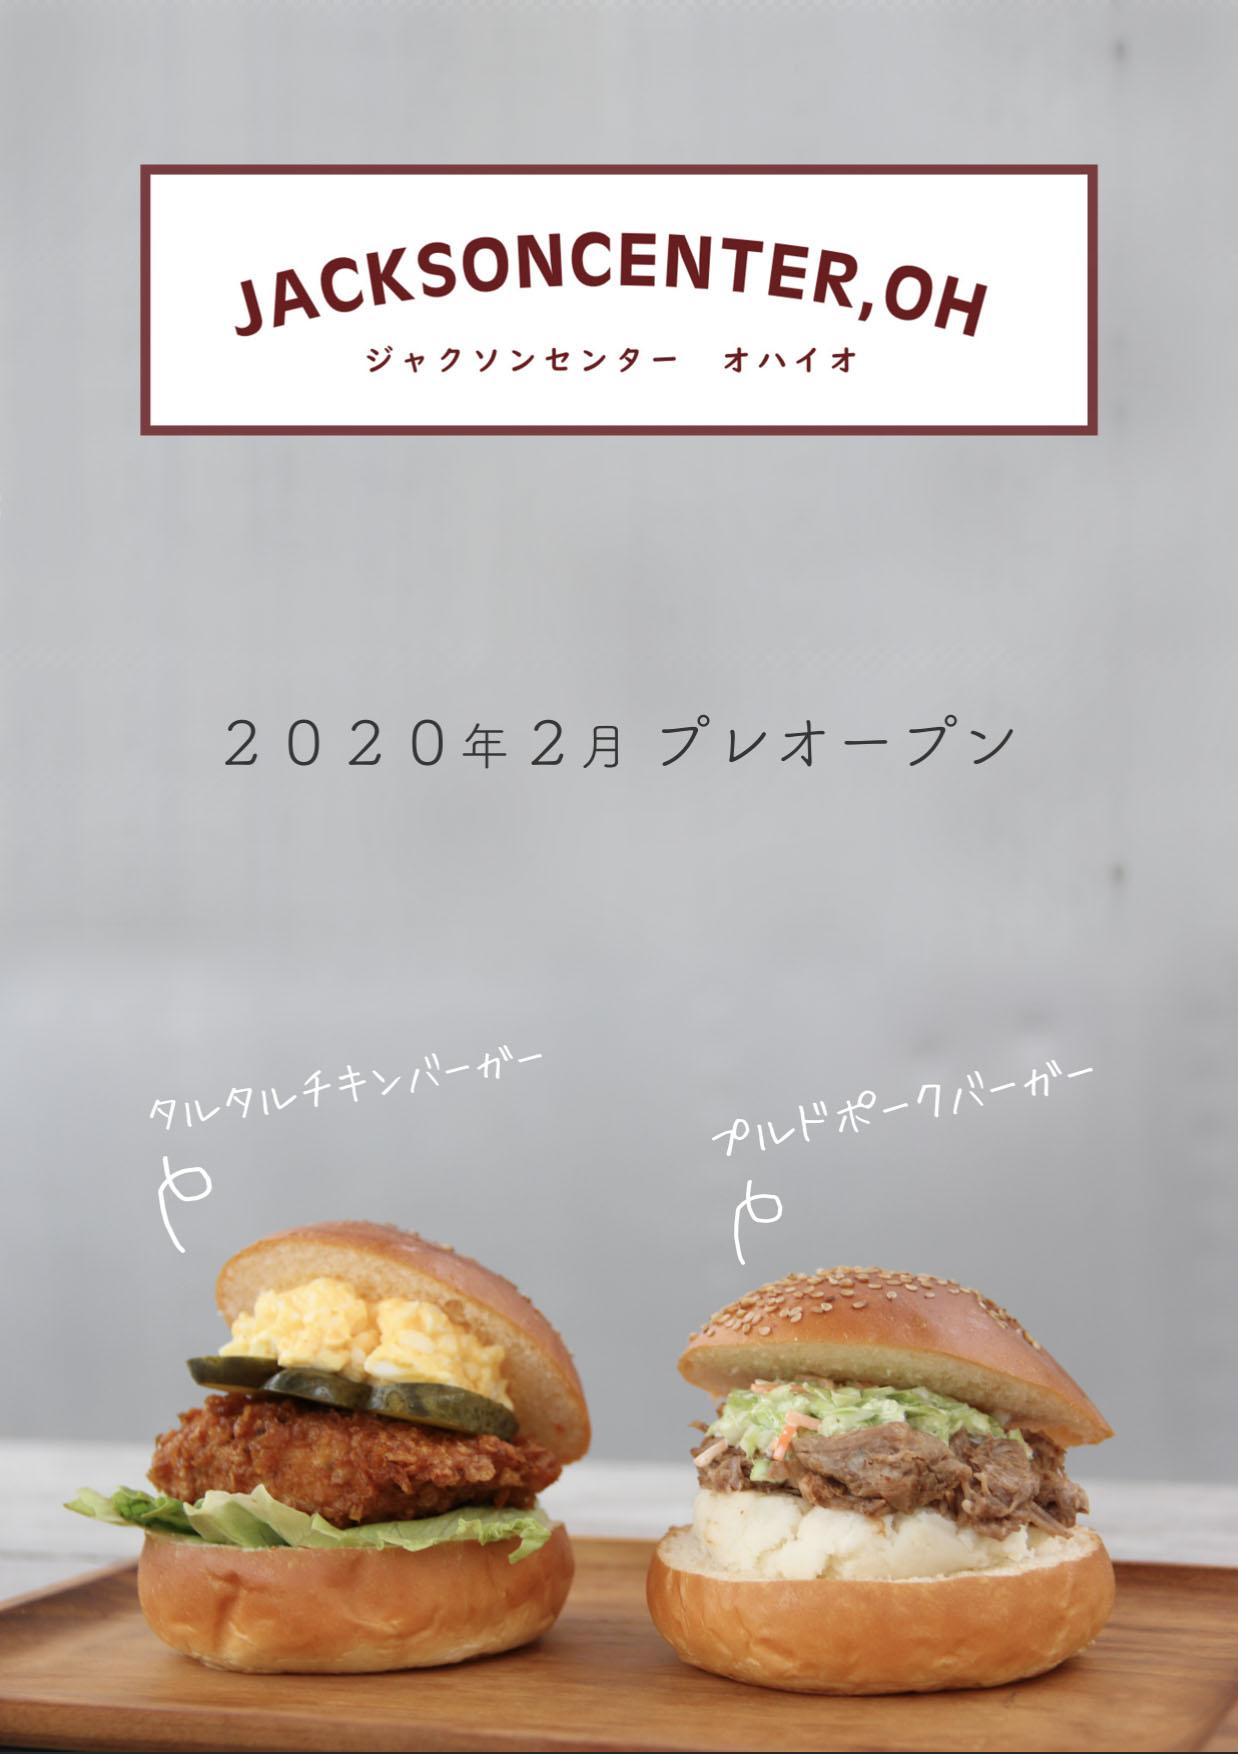 株式会社ガレージランド ジャクソンセンターOH 彩の森公園